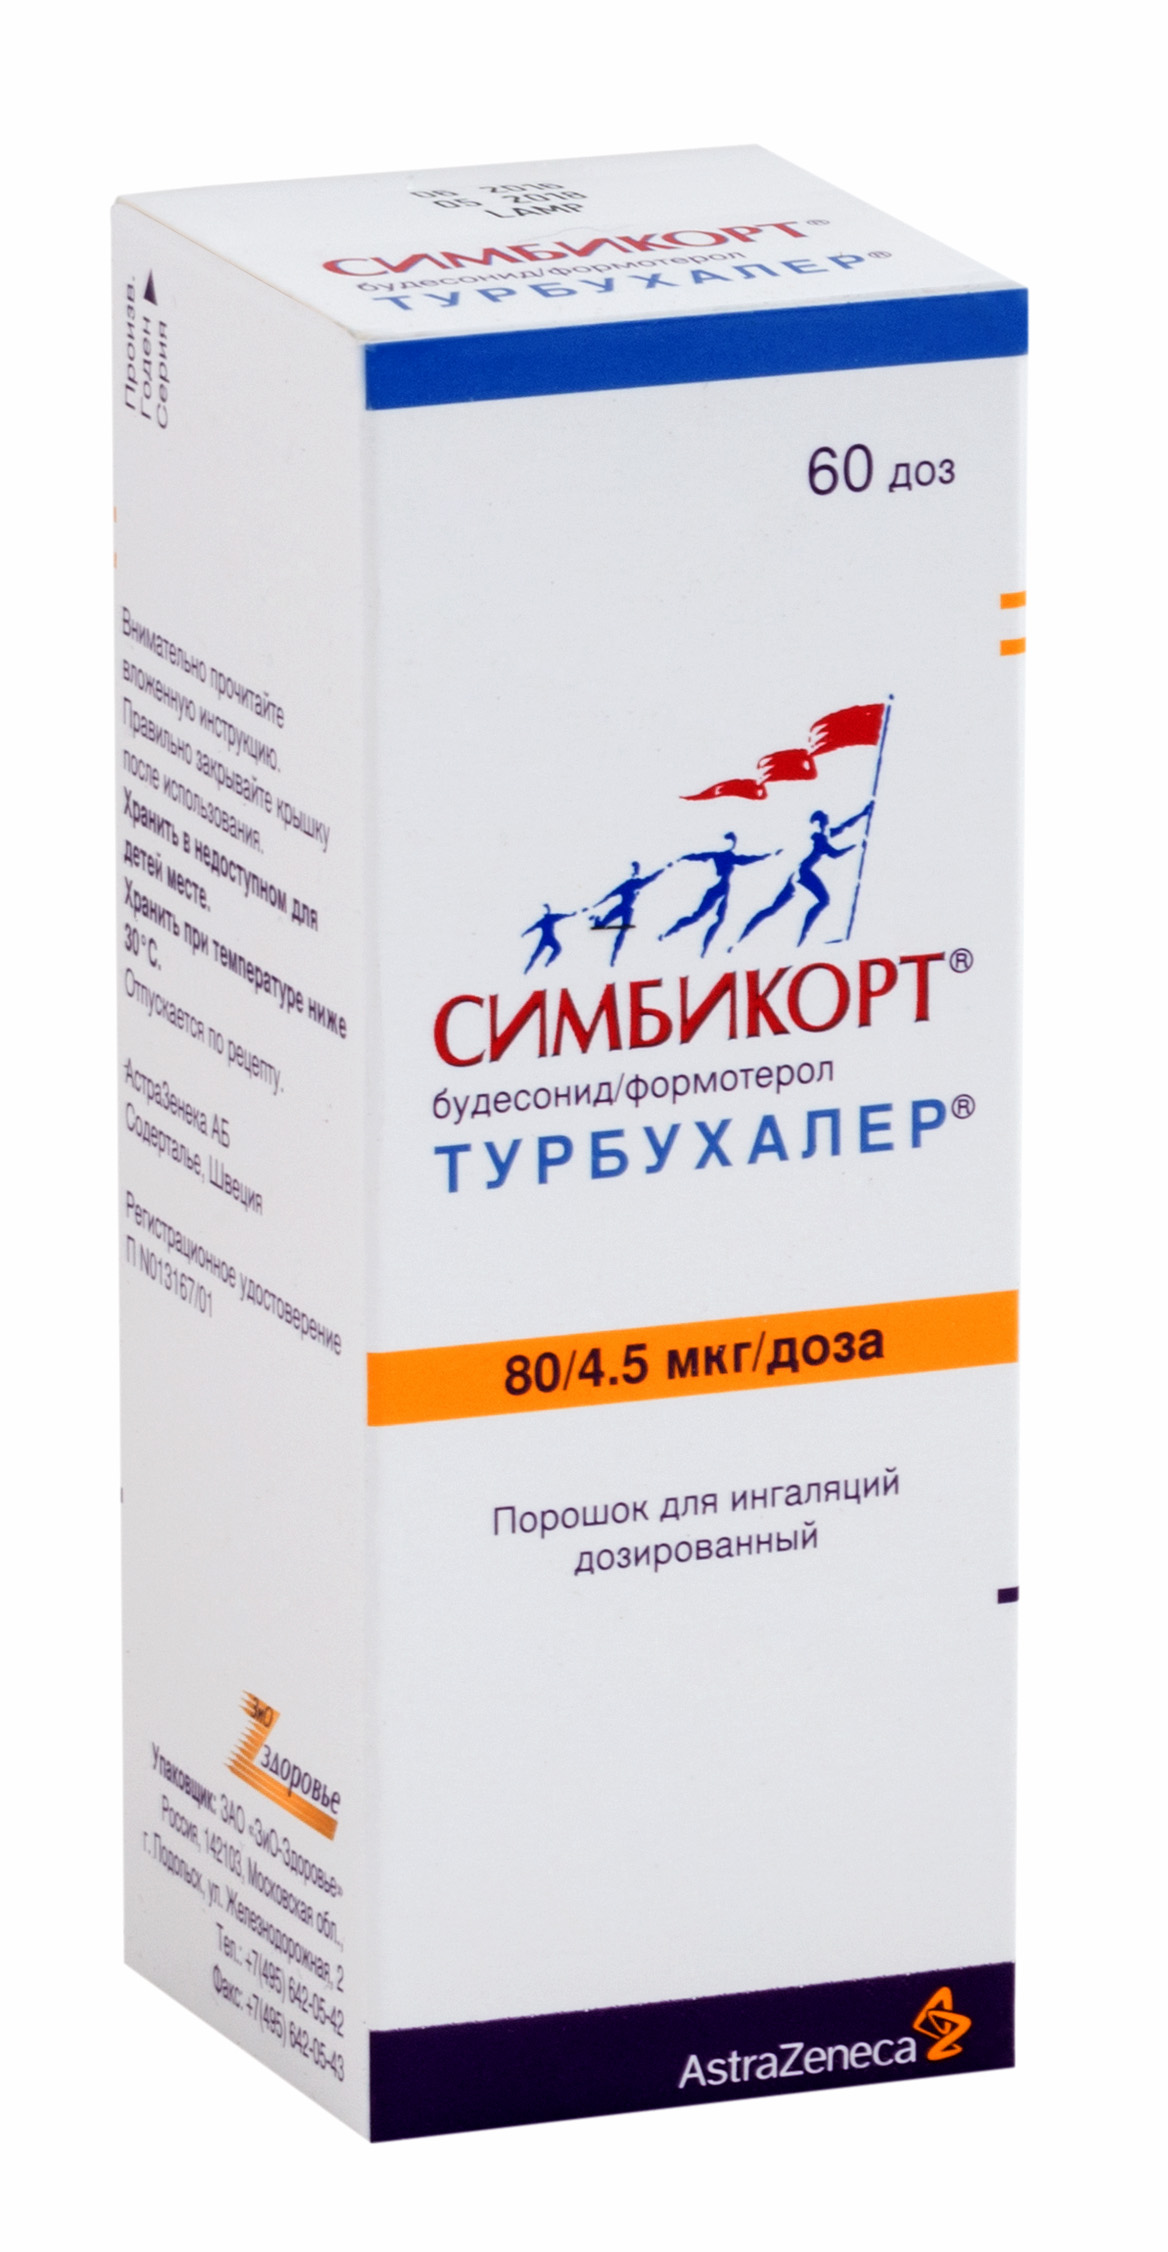 Симбикорт турбухалер пор. д/ингал. 80мкг+4,5мкг/доза 60доз n1